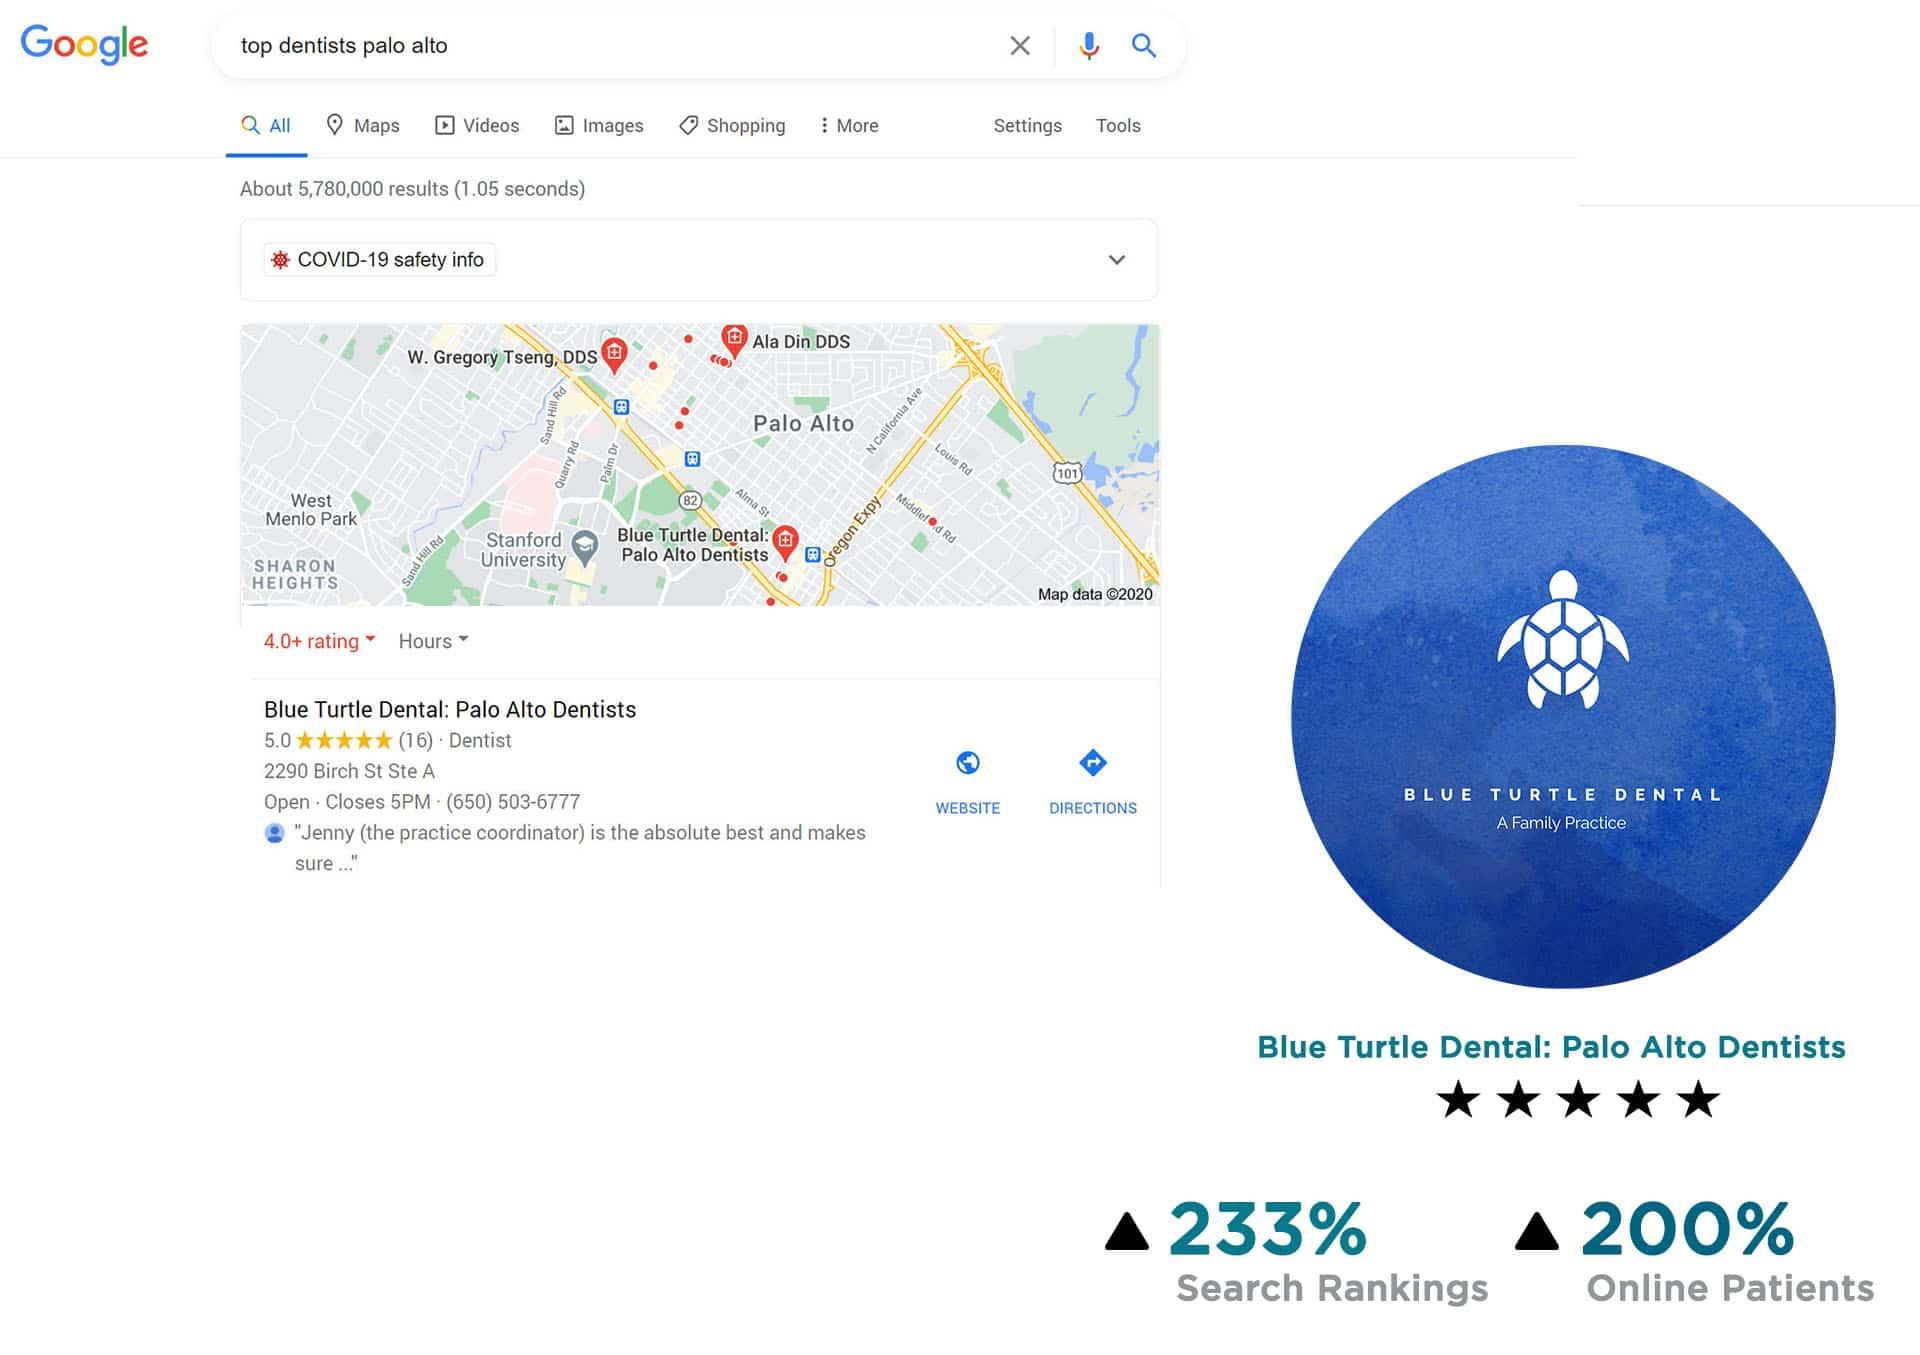 Digital Marketing for Blue Turtle Dental